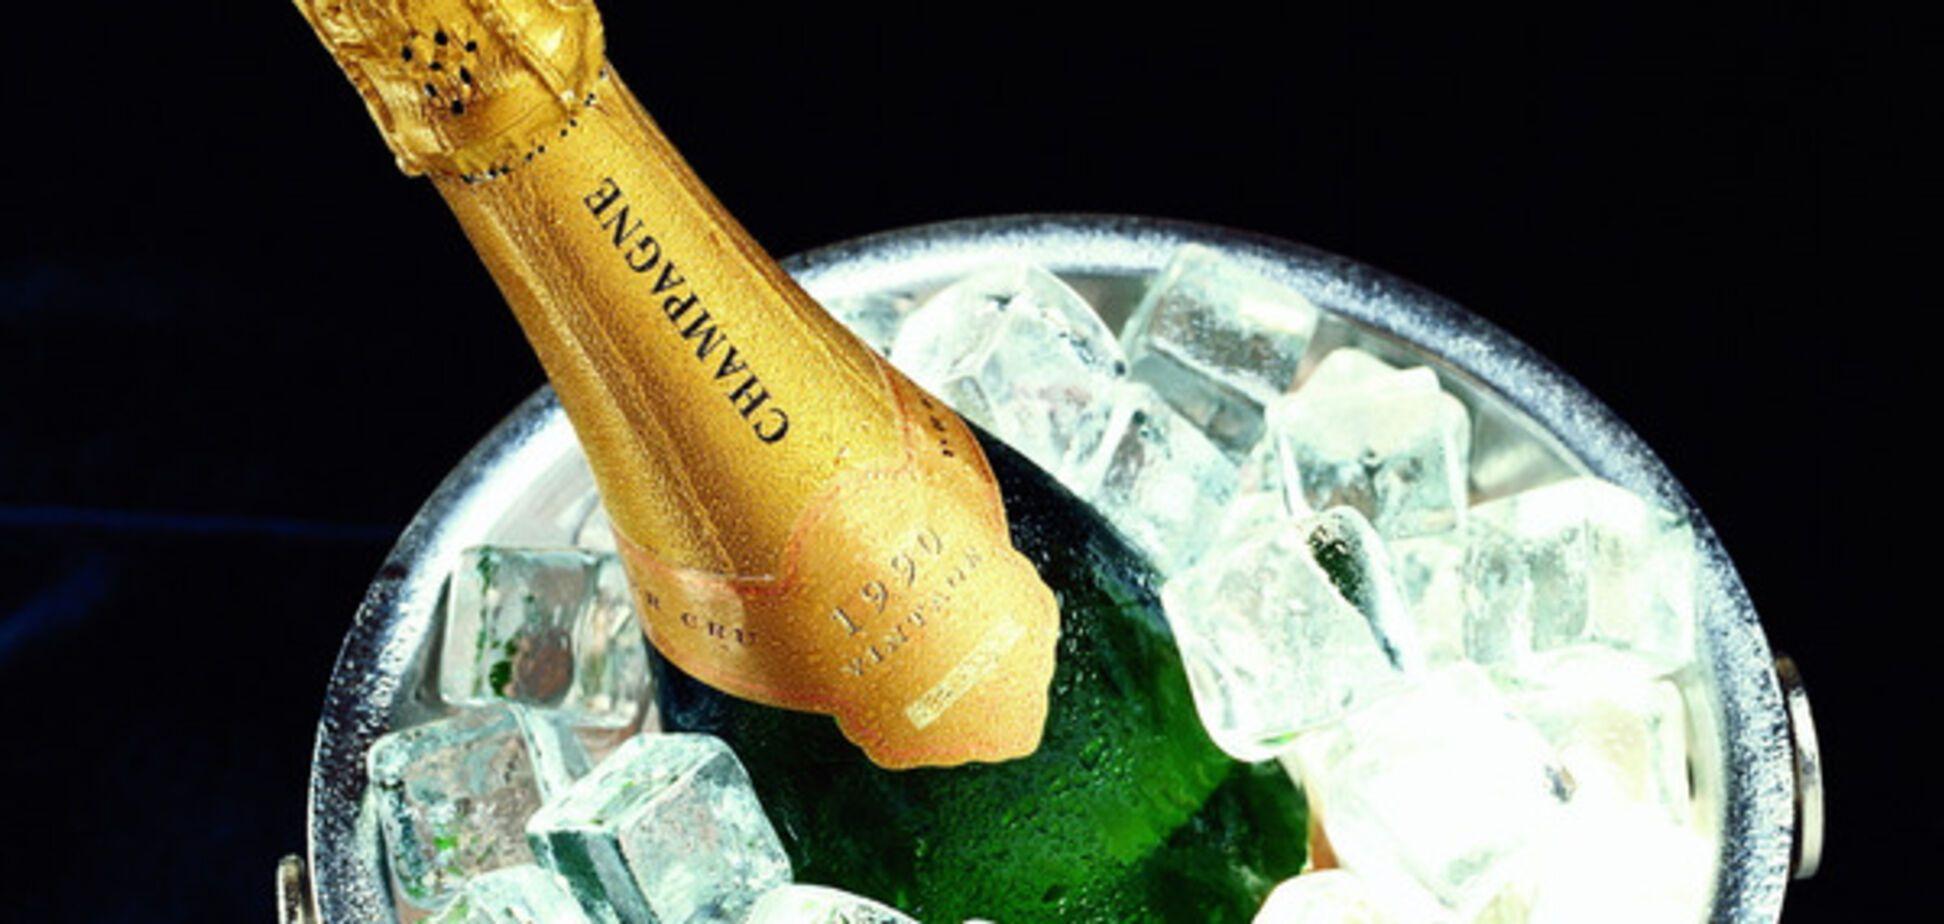 Готовимся к празднику: в Запорожье поймали грабителей с бутылкой шампанского